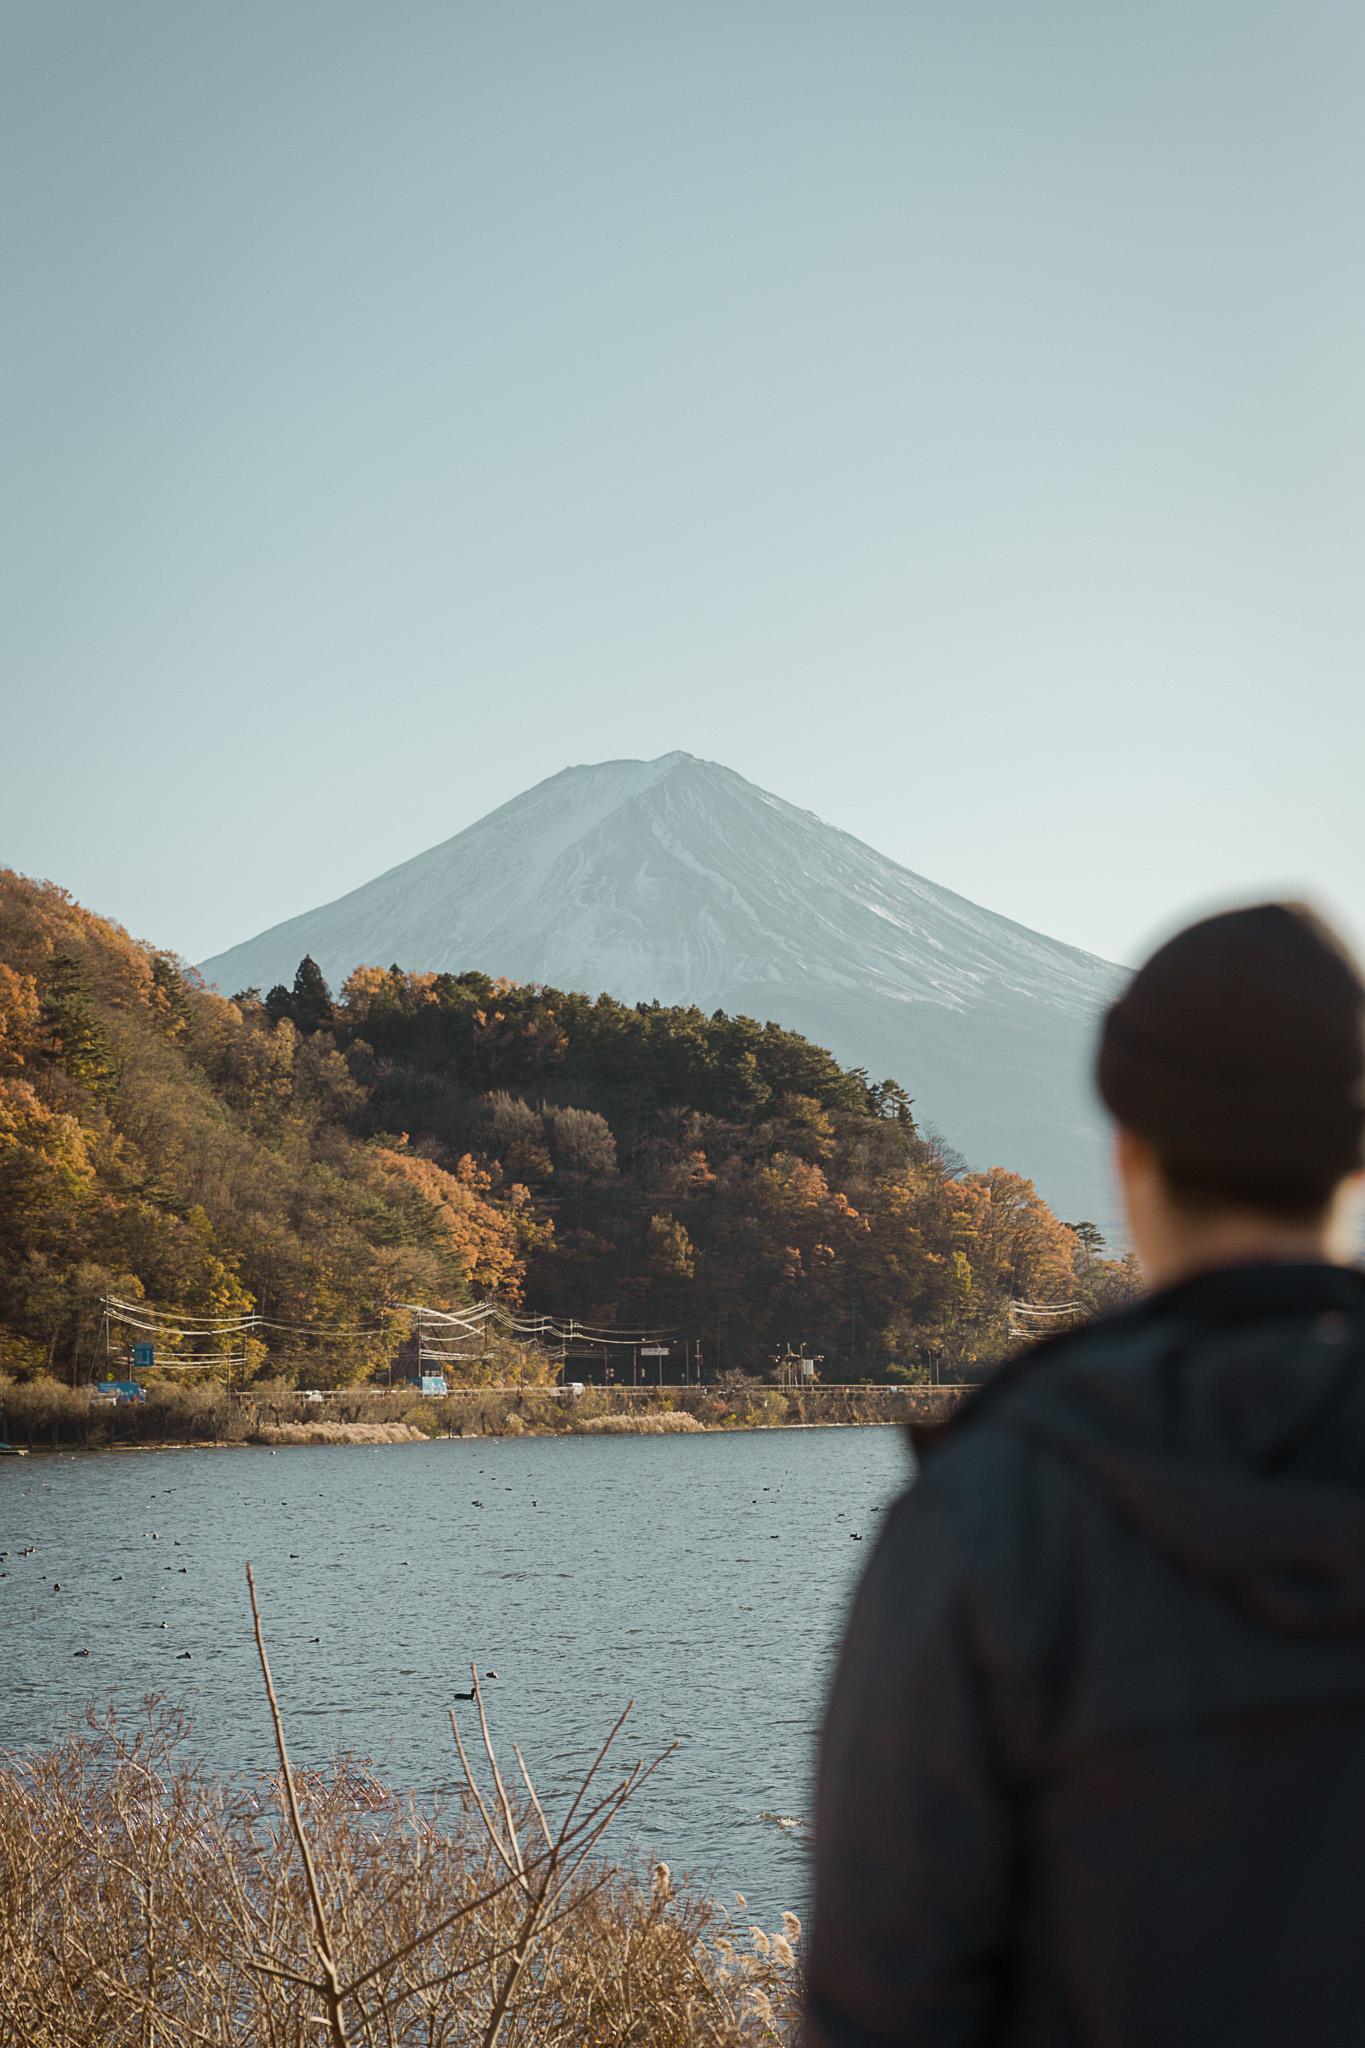 Mount Fuji, Tokyo Japan